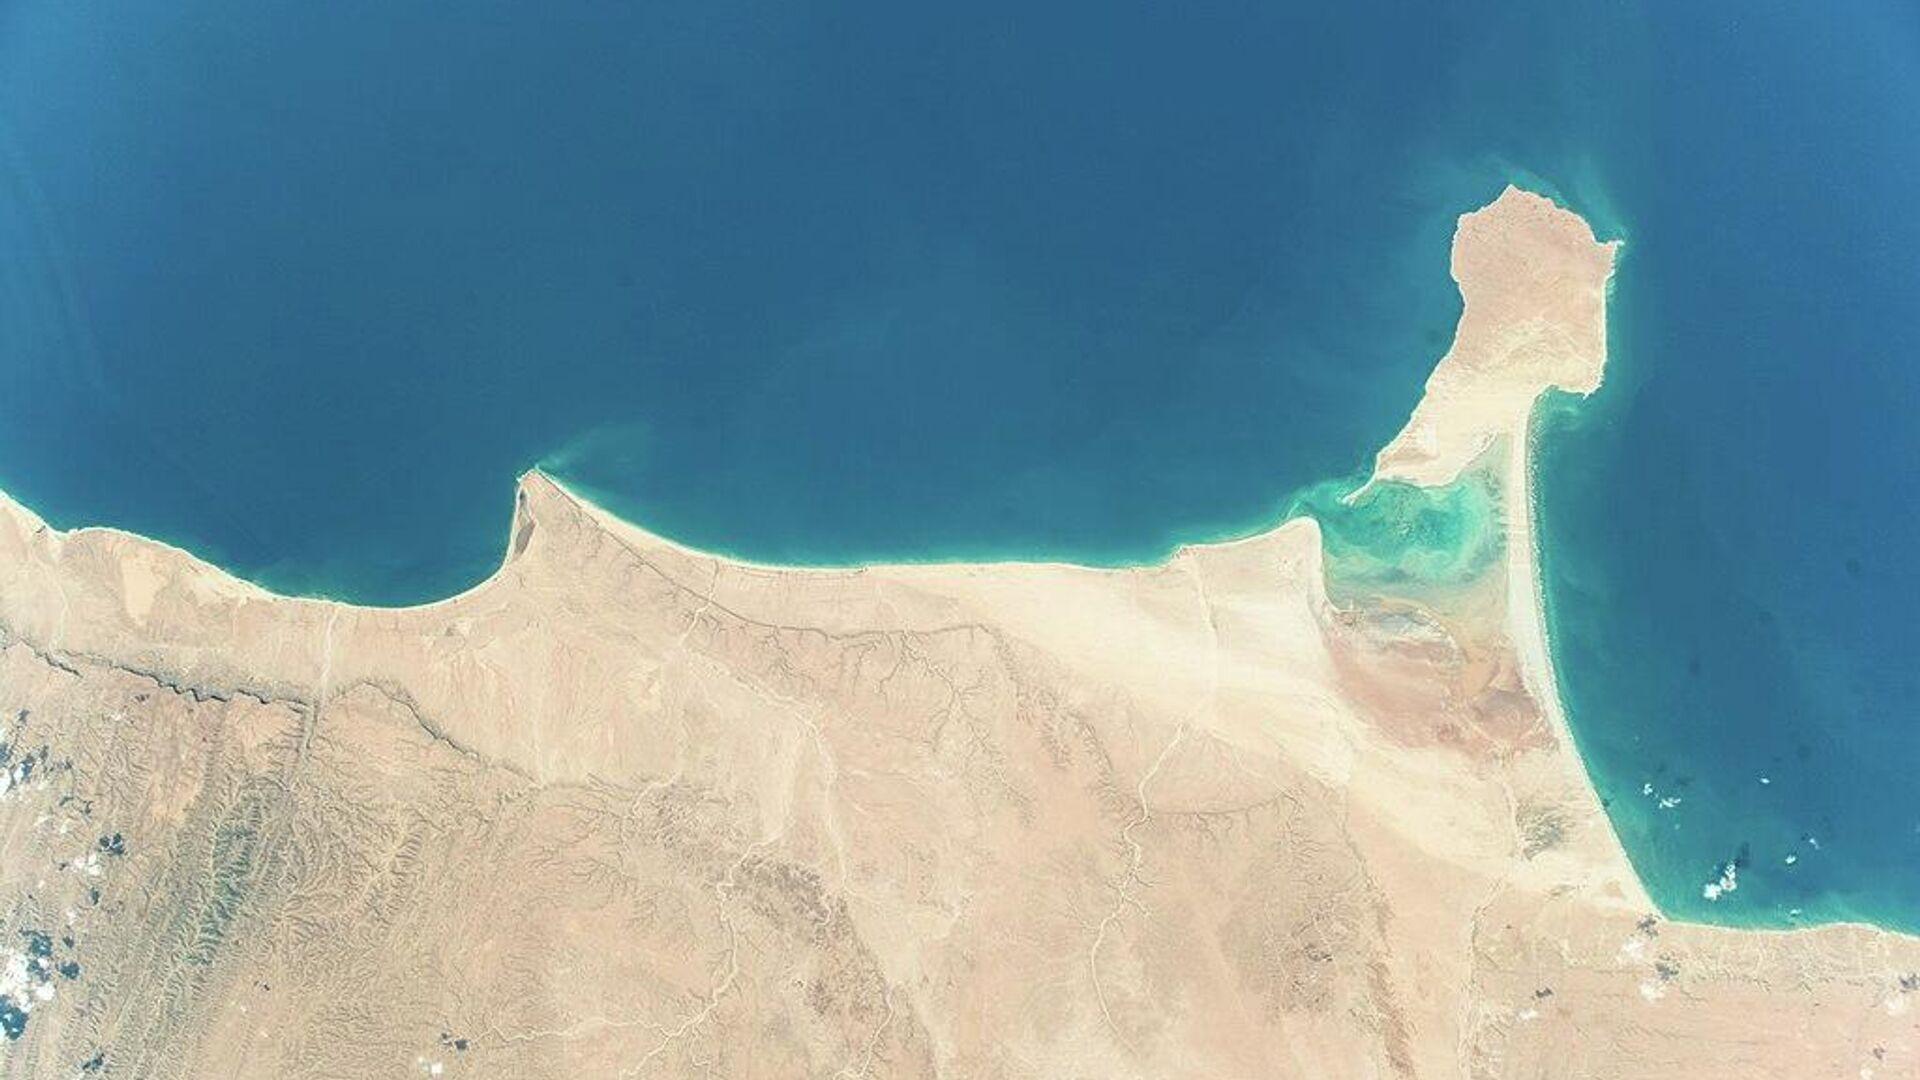 Satellitenfoto der Somalias Küste - SNA, 1920, 19.03.2021